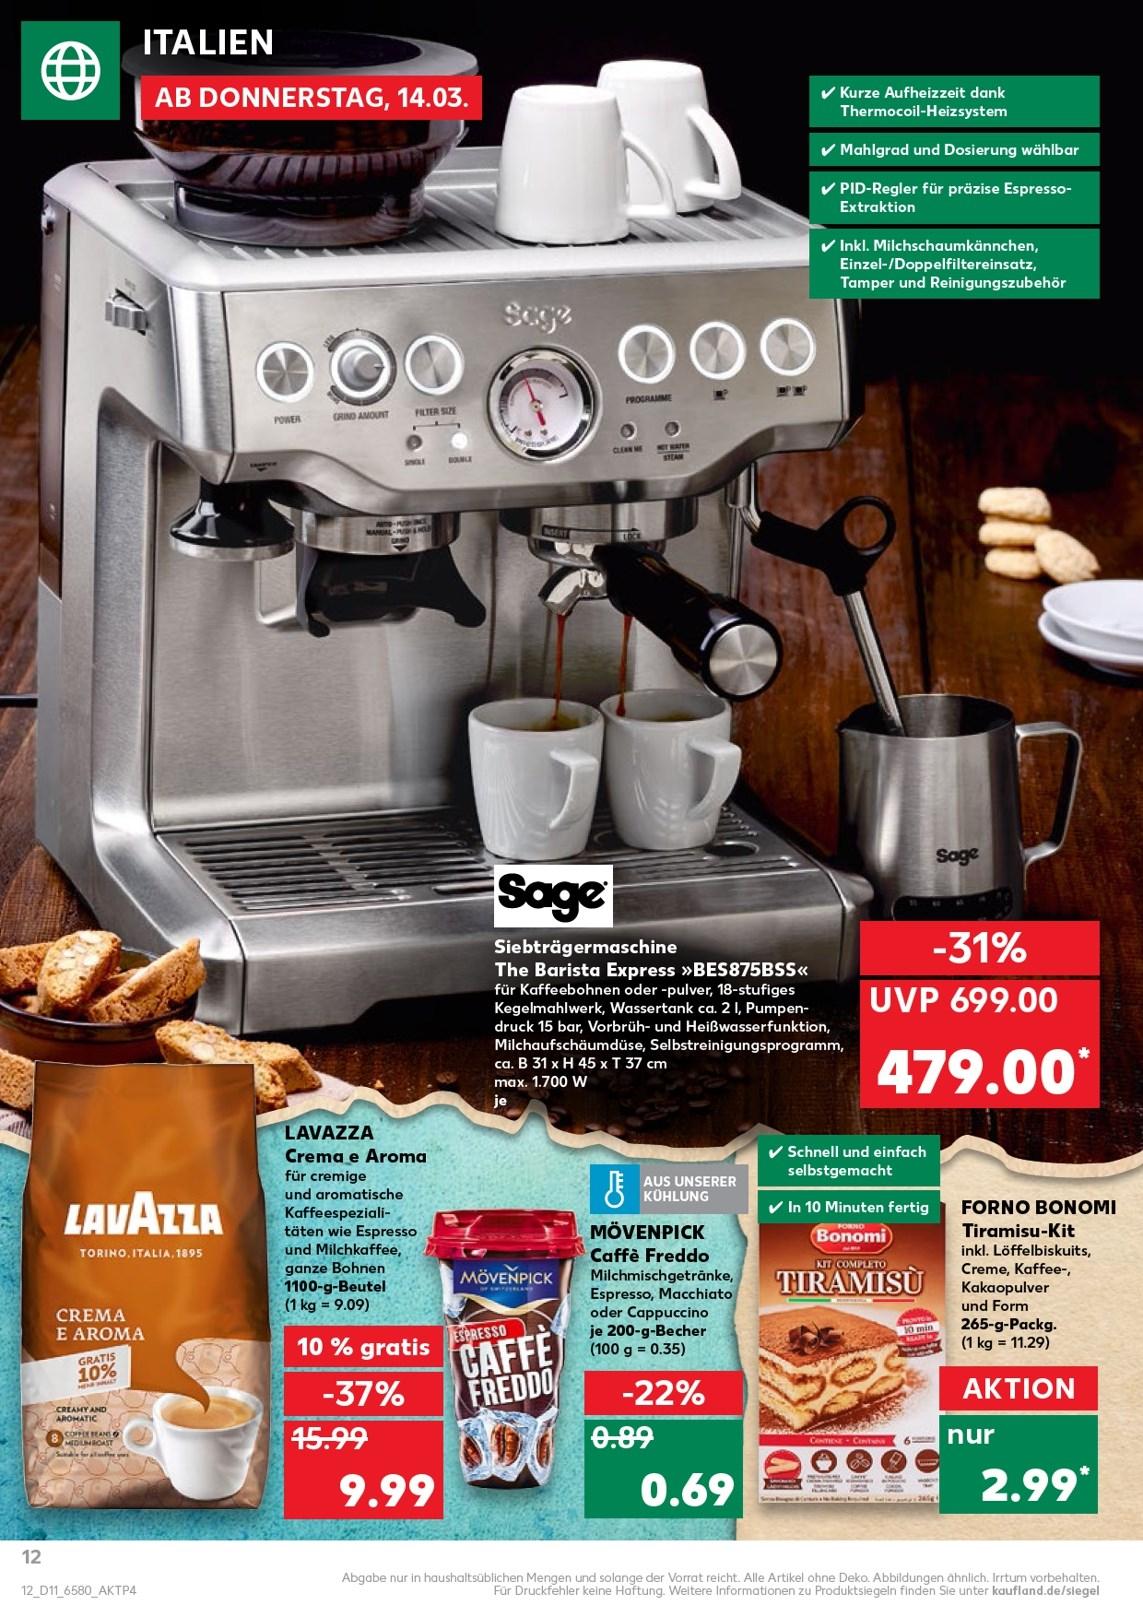 [Kaufland] Sage Barista Express Espresso-Maschine Edelstahl